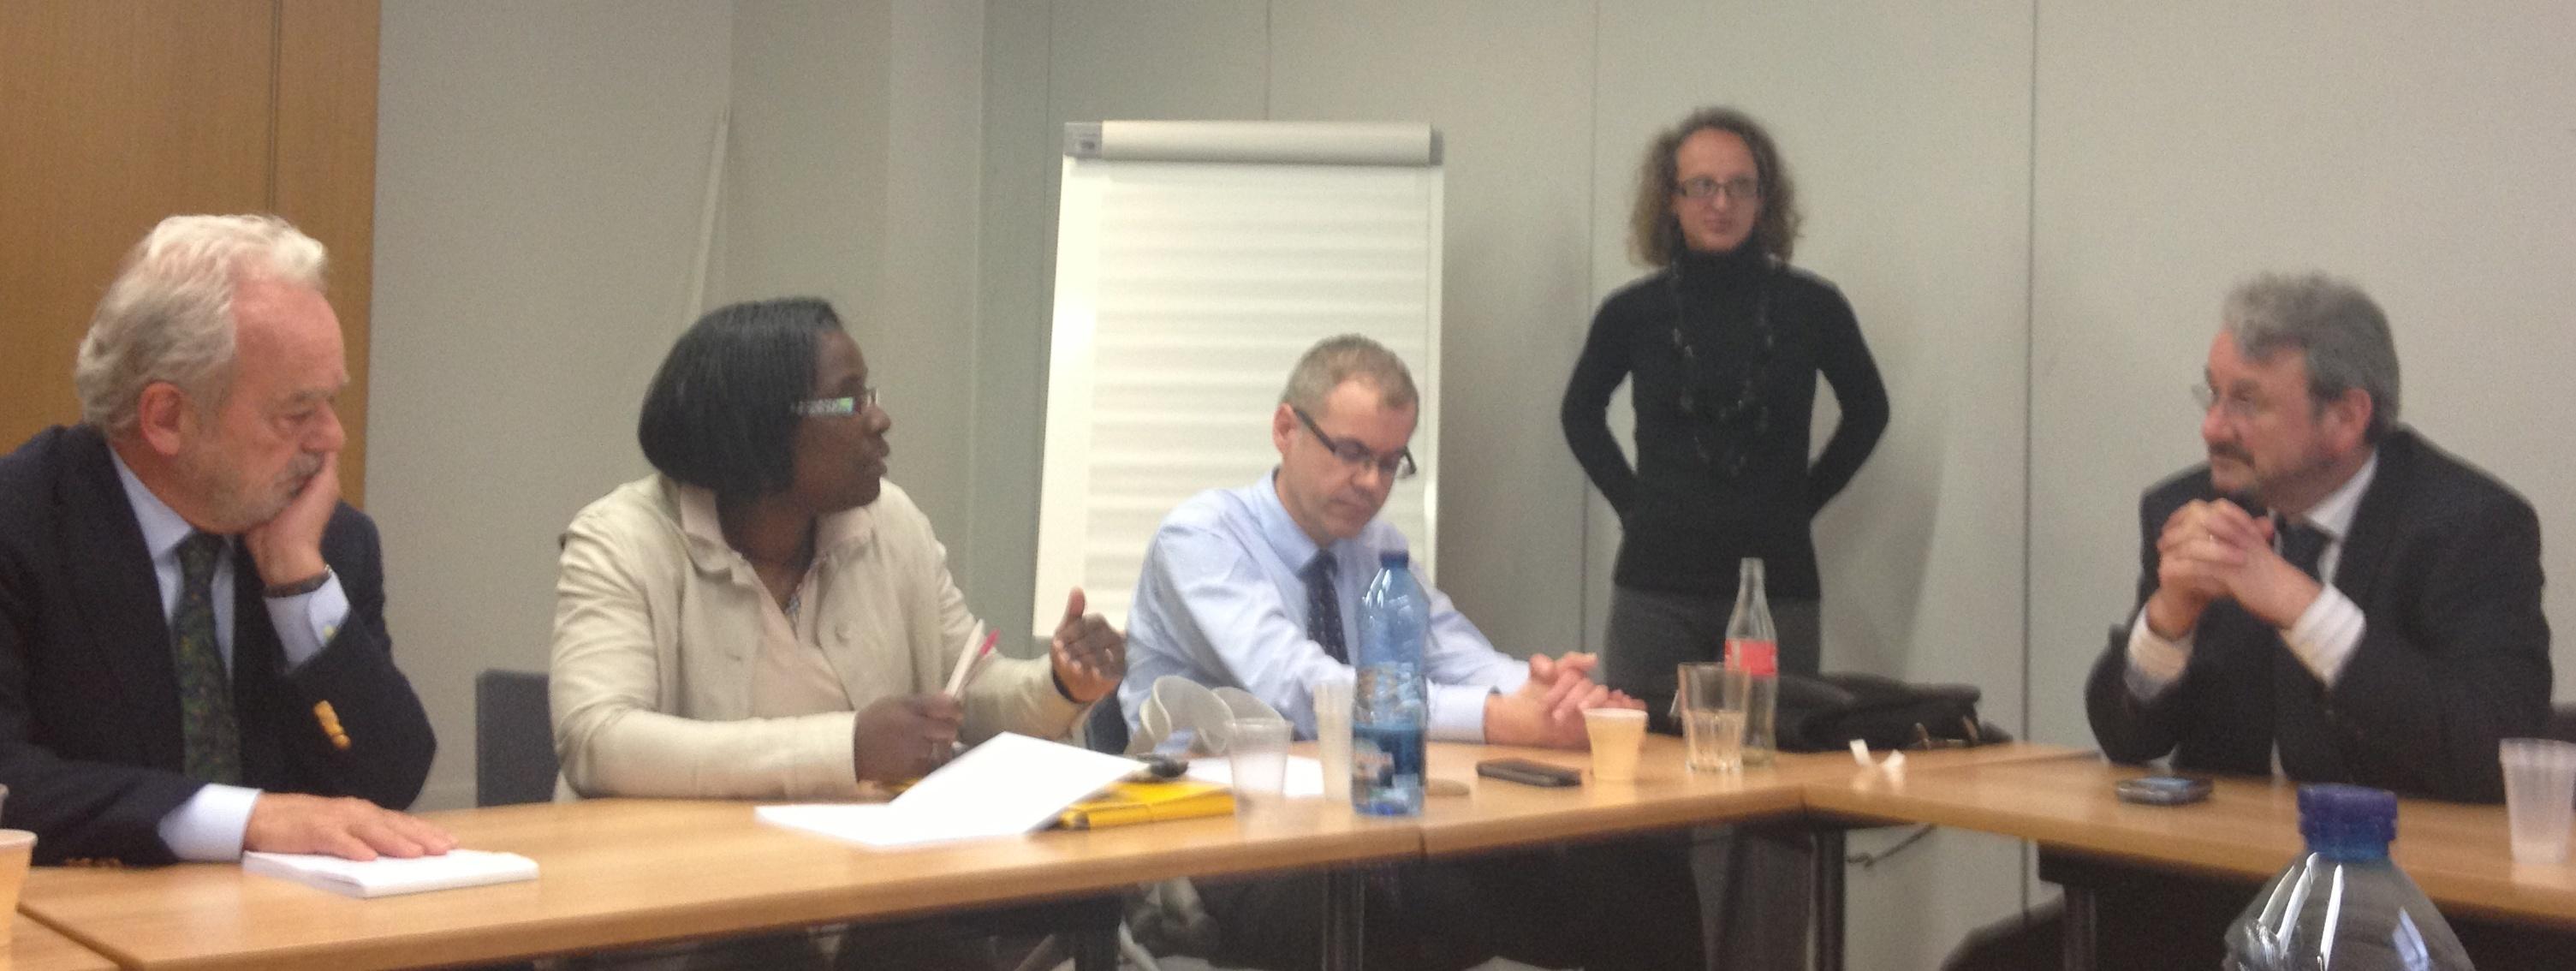 Le GrouPIH en réunion à la maison de la CFE-CGC